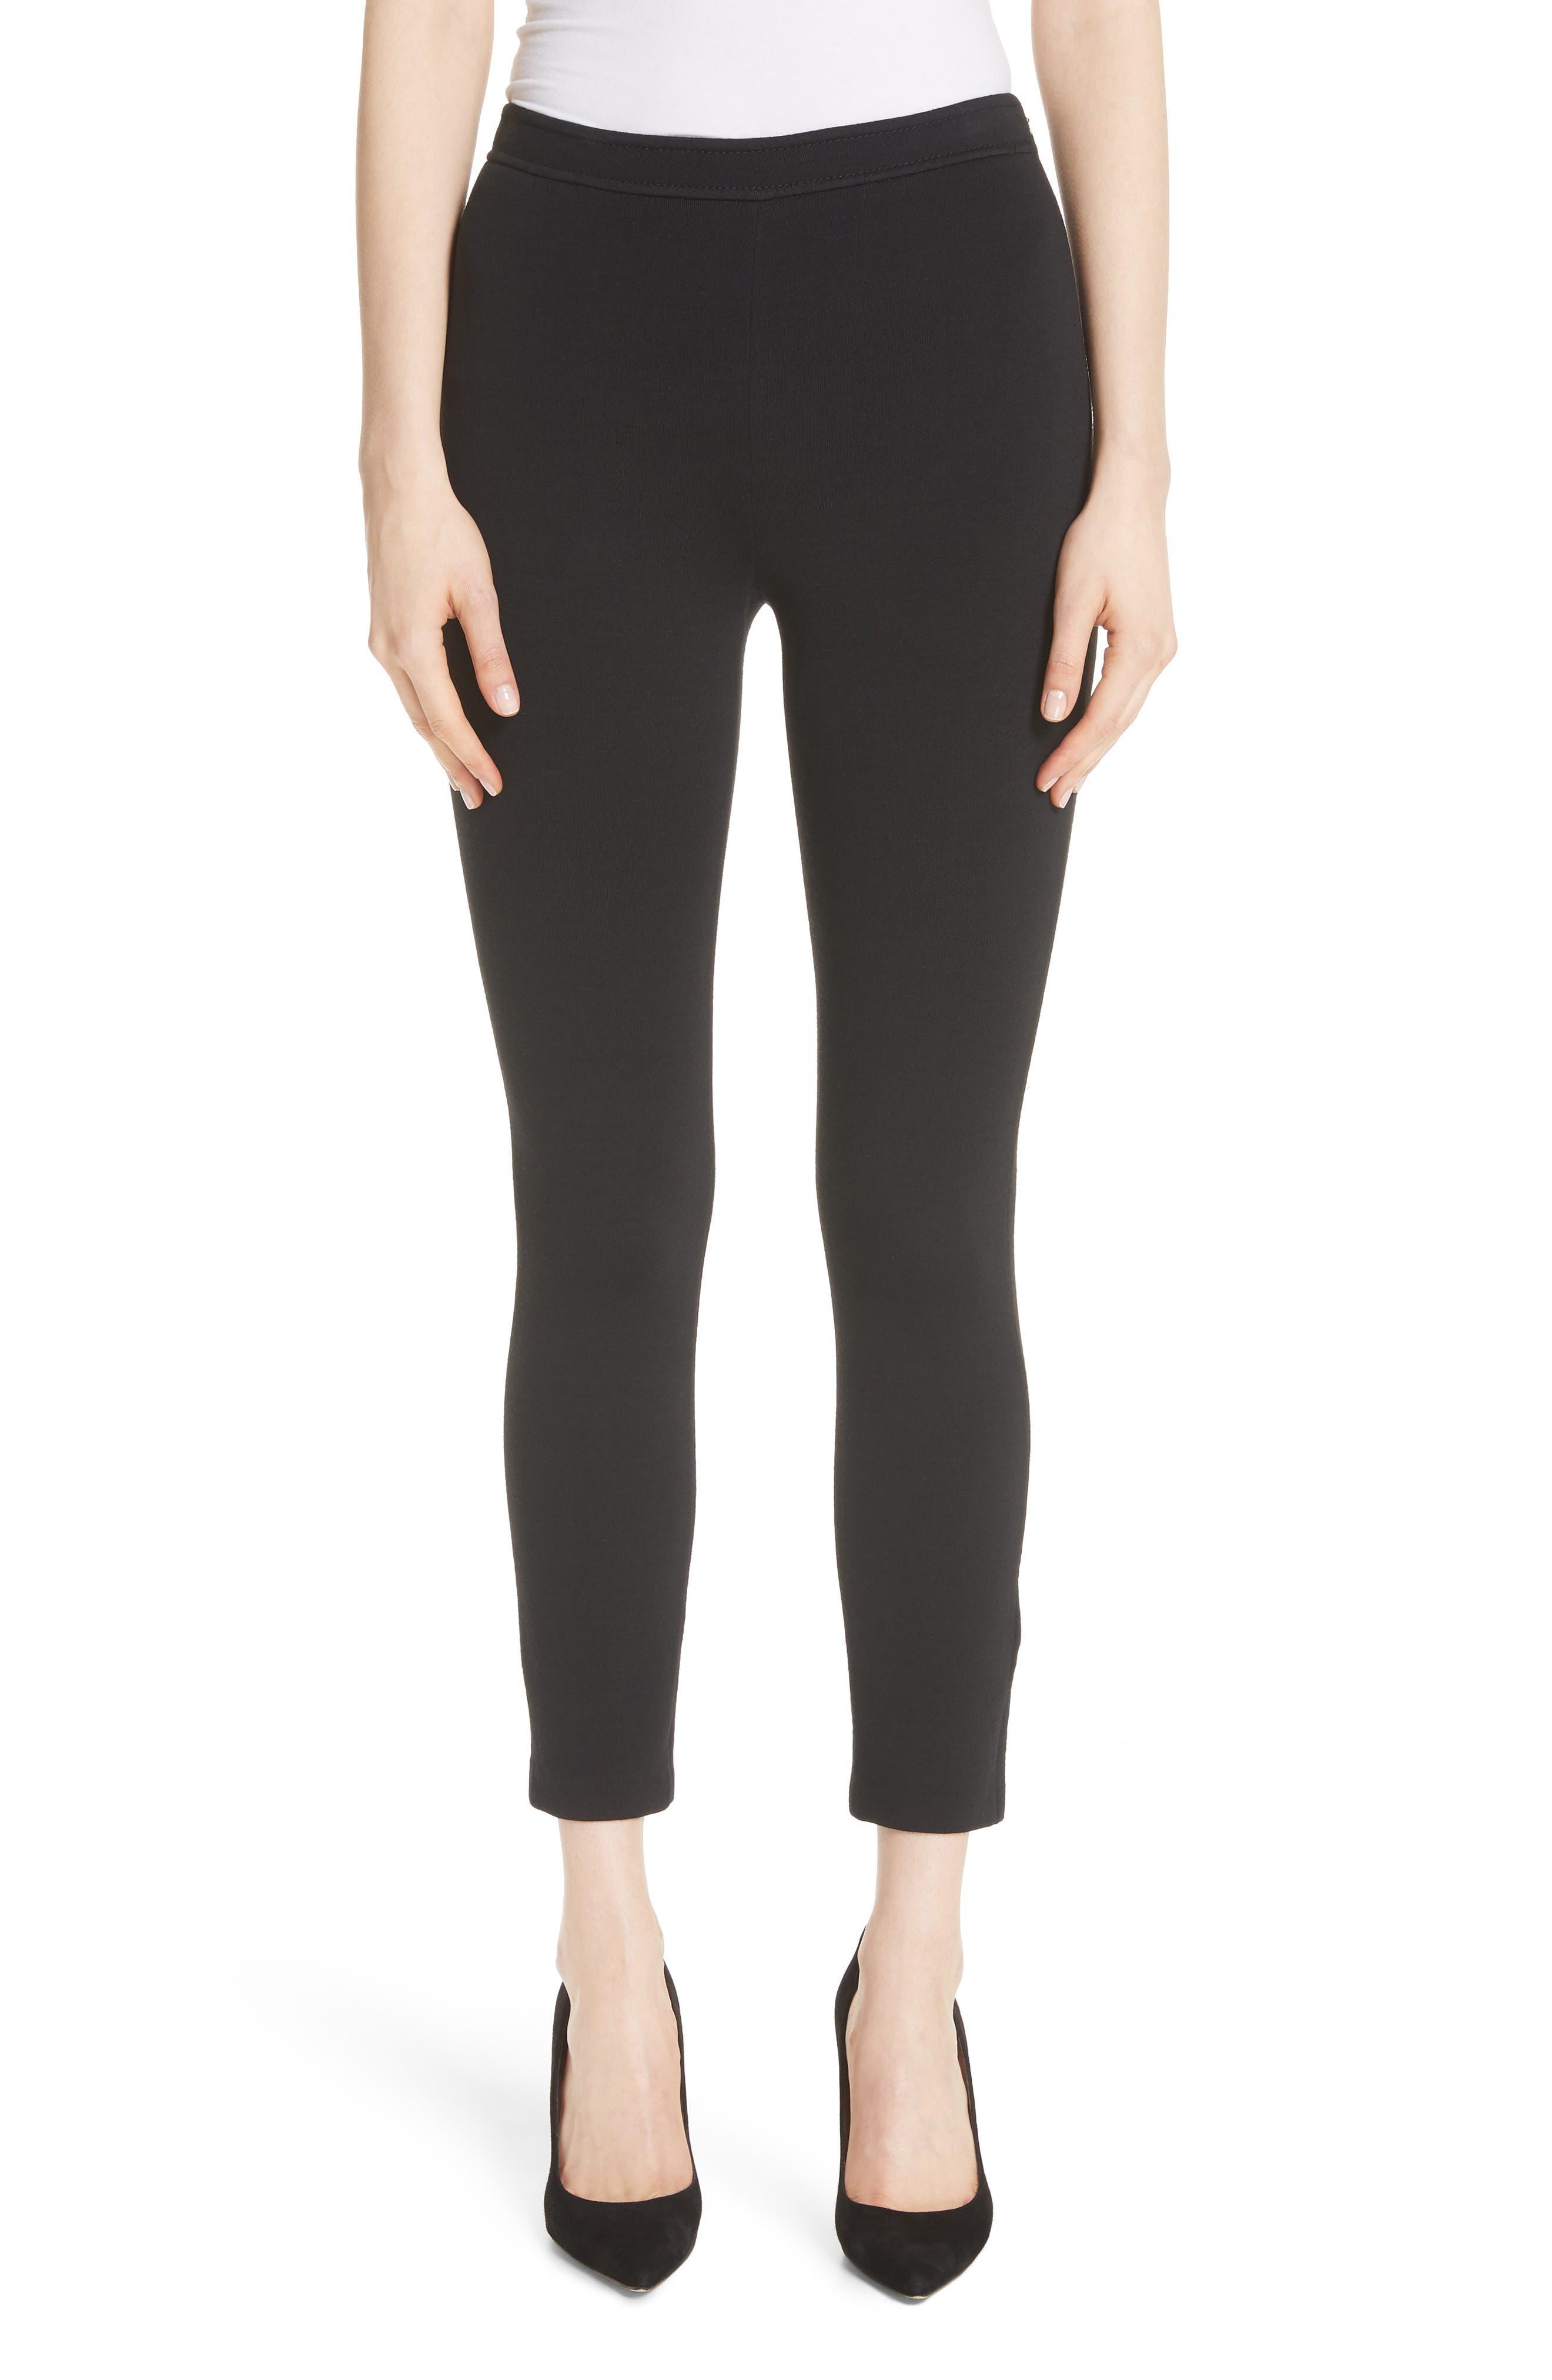 Alexa Milano Knit Pants,                             Main thumbnail 1, color,                             CAVIAR